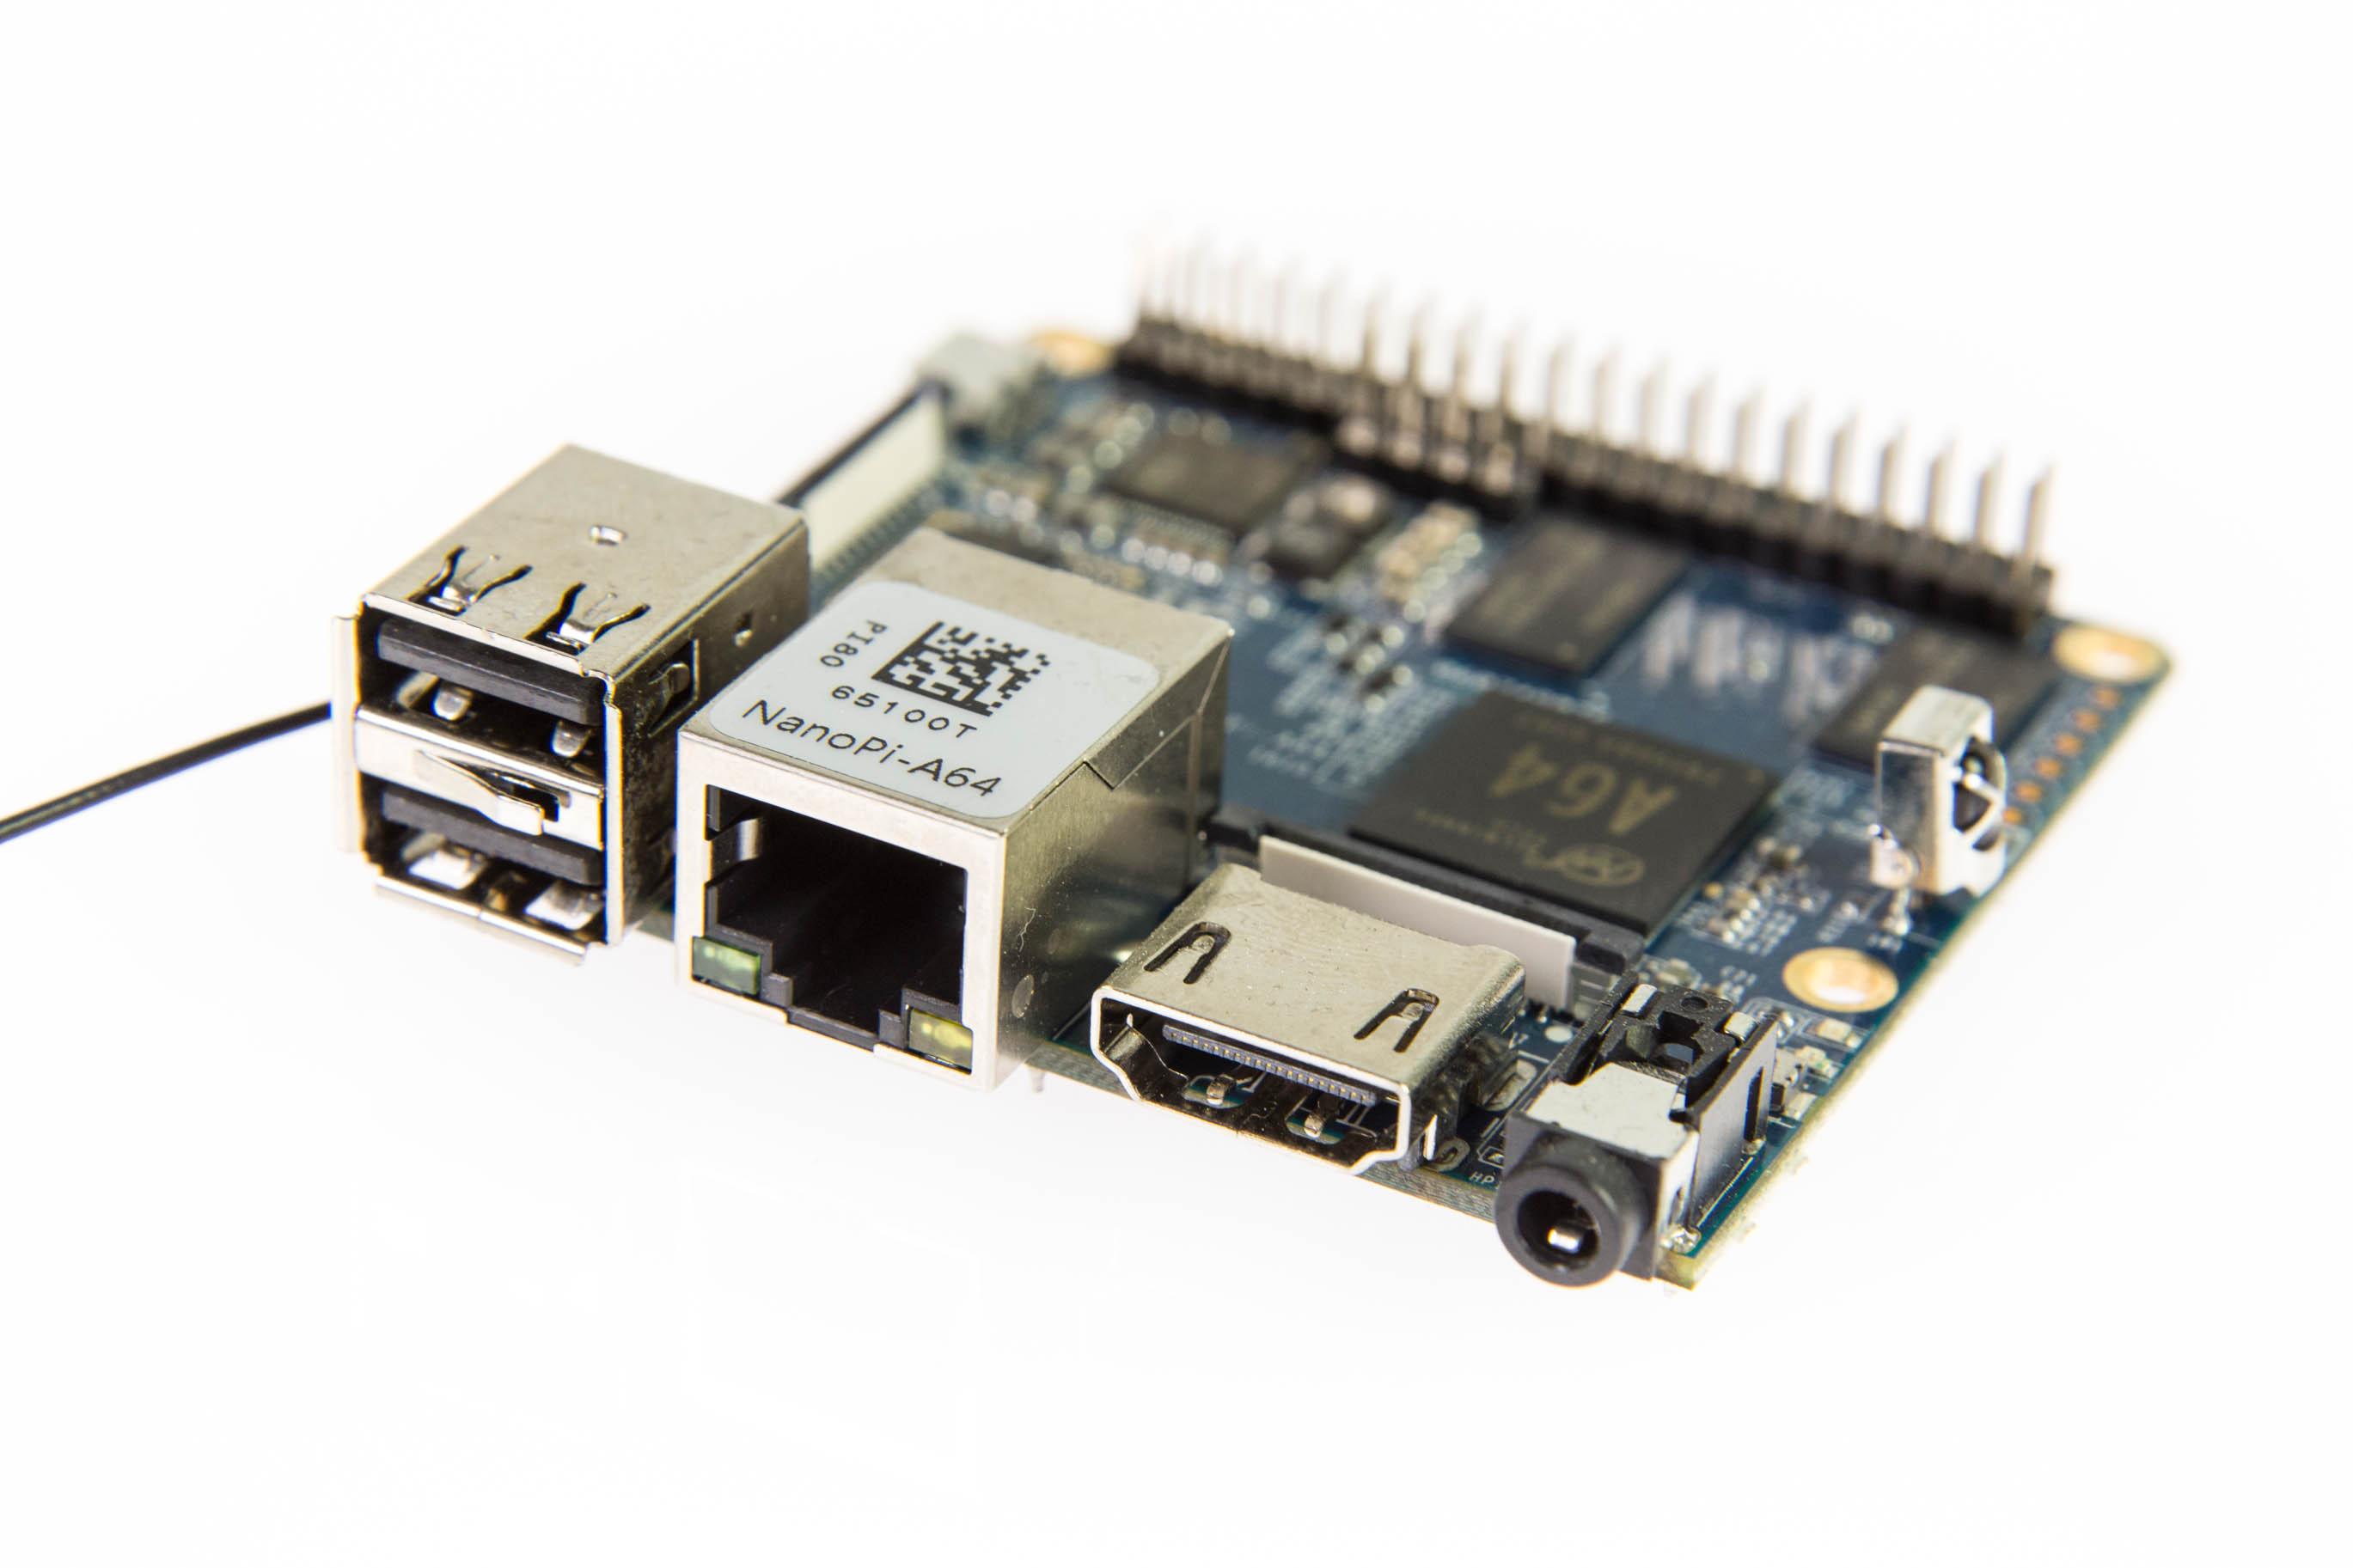 Bastelrechner Nano Pi im Test: Klein, aber nicht unbedingt oho - NanoPi A64 (Bild: Martin Wolf/Golem.de)